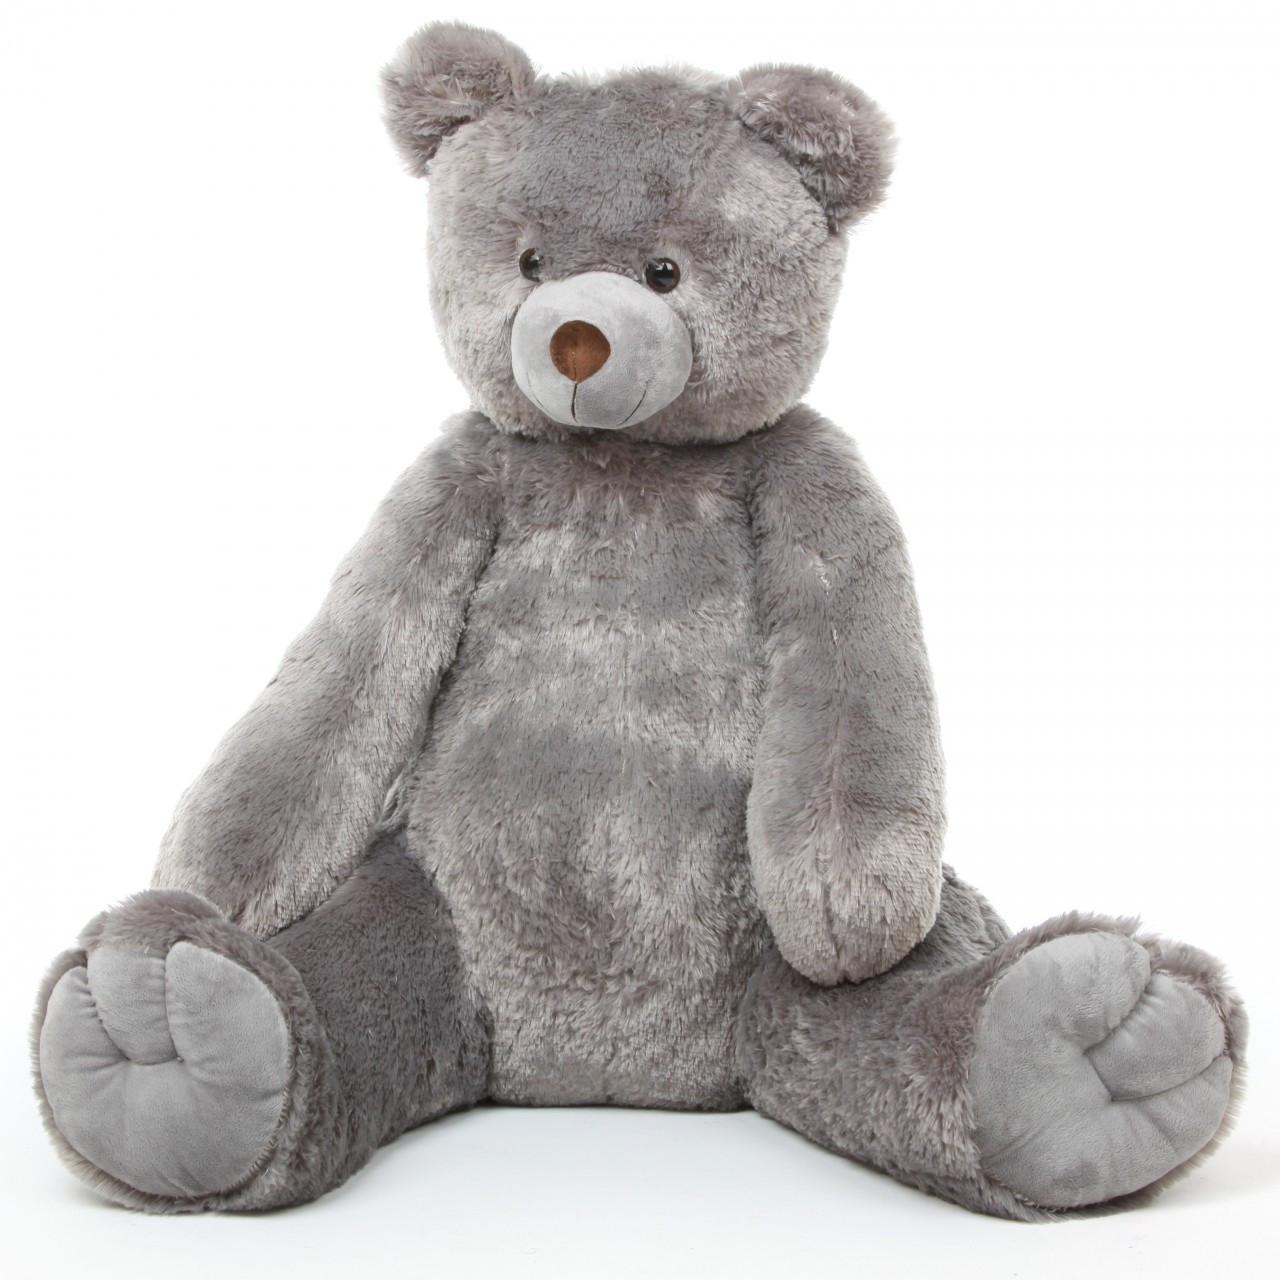 Honey Tubs 42 Gray Cute Large Stuffed Teddy Bear Giant